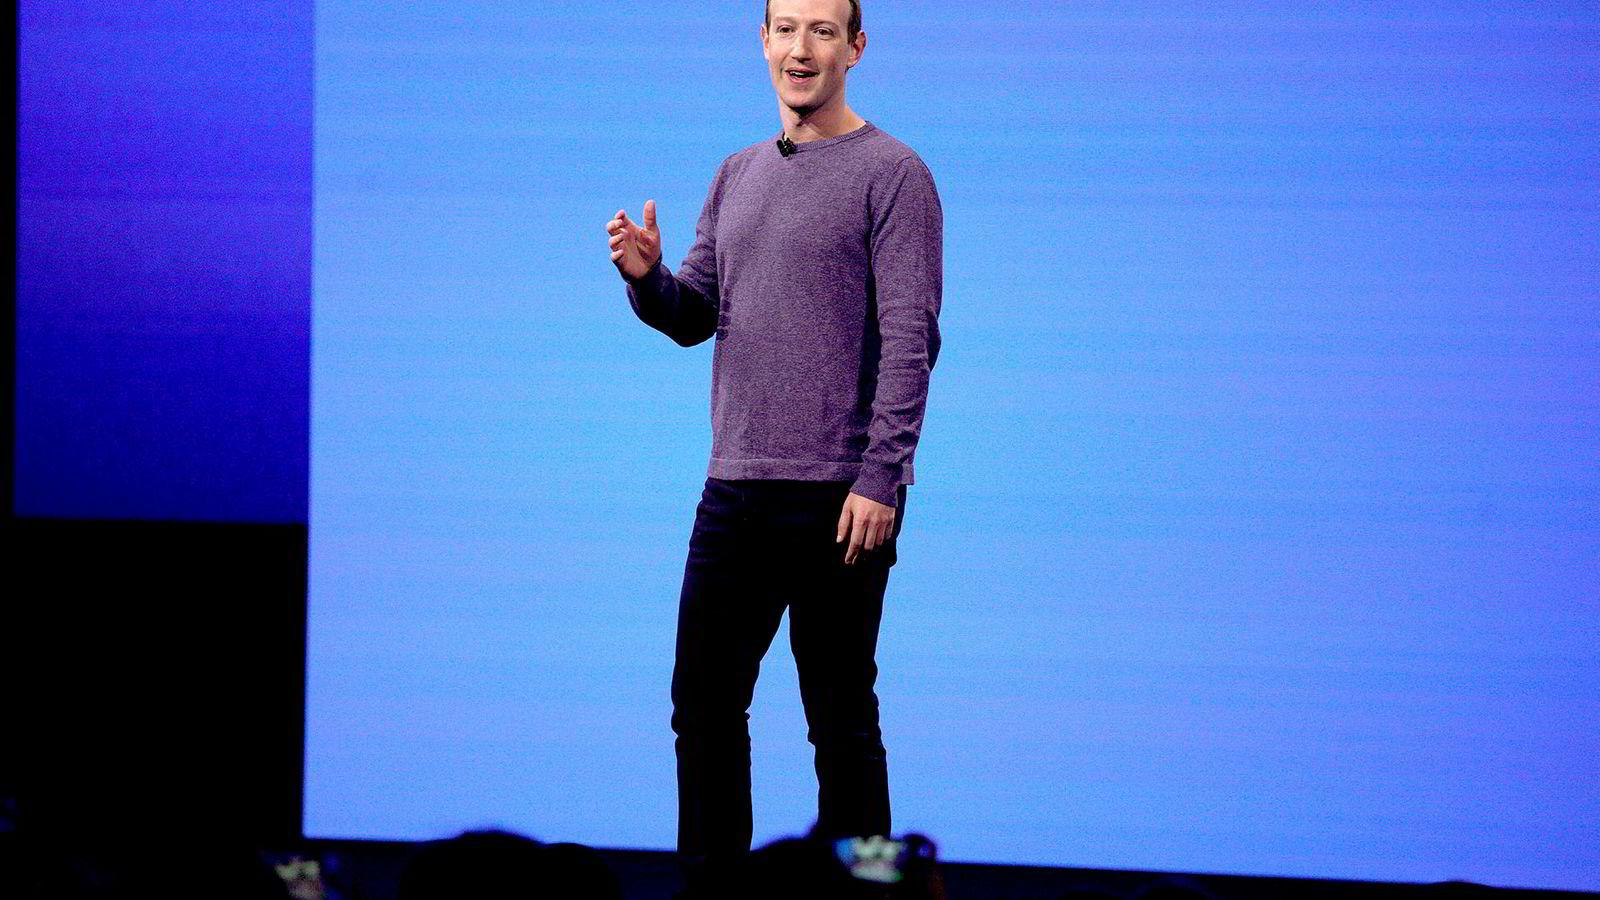 Facebooks grunnlegger og toppsjef Mark Zuckerberg lovte store endringer for Facebook under utviklerkonferansen F8 tidligere denne uken.